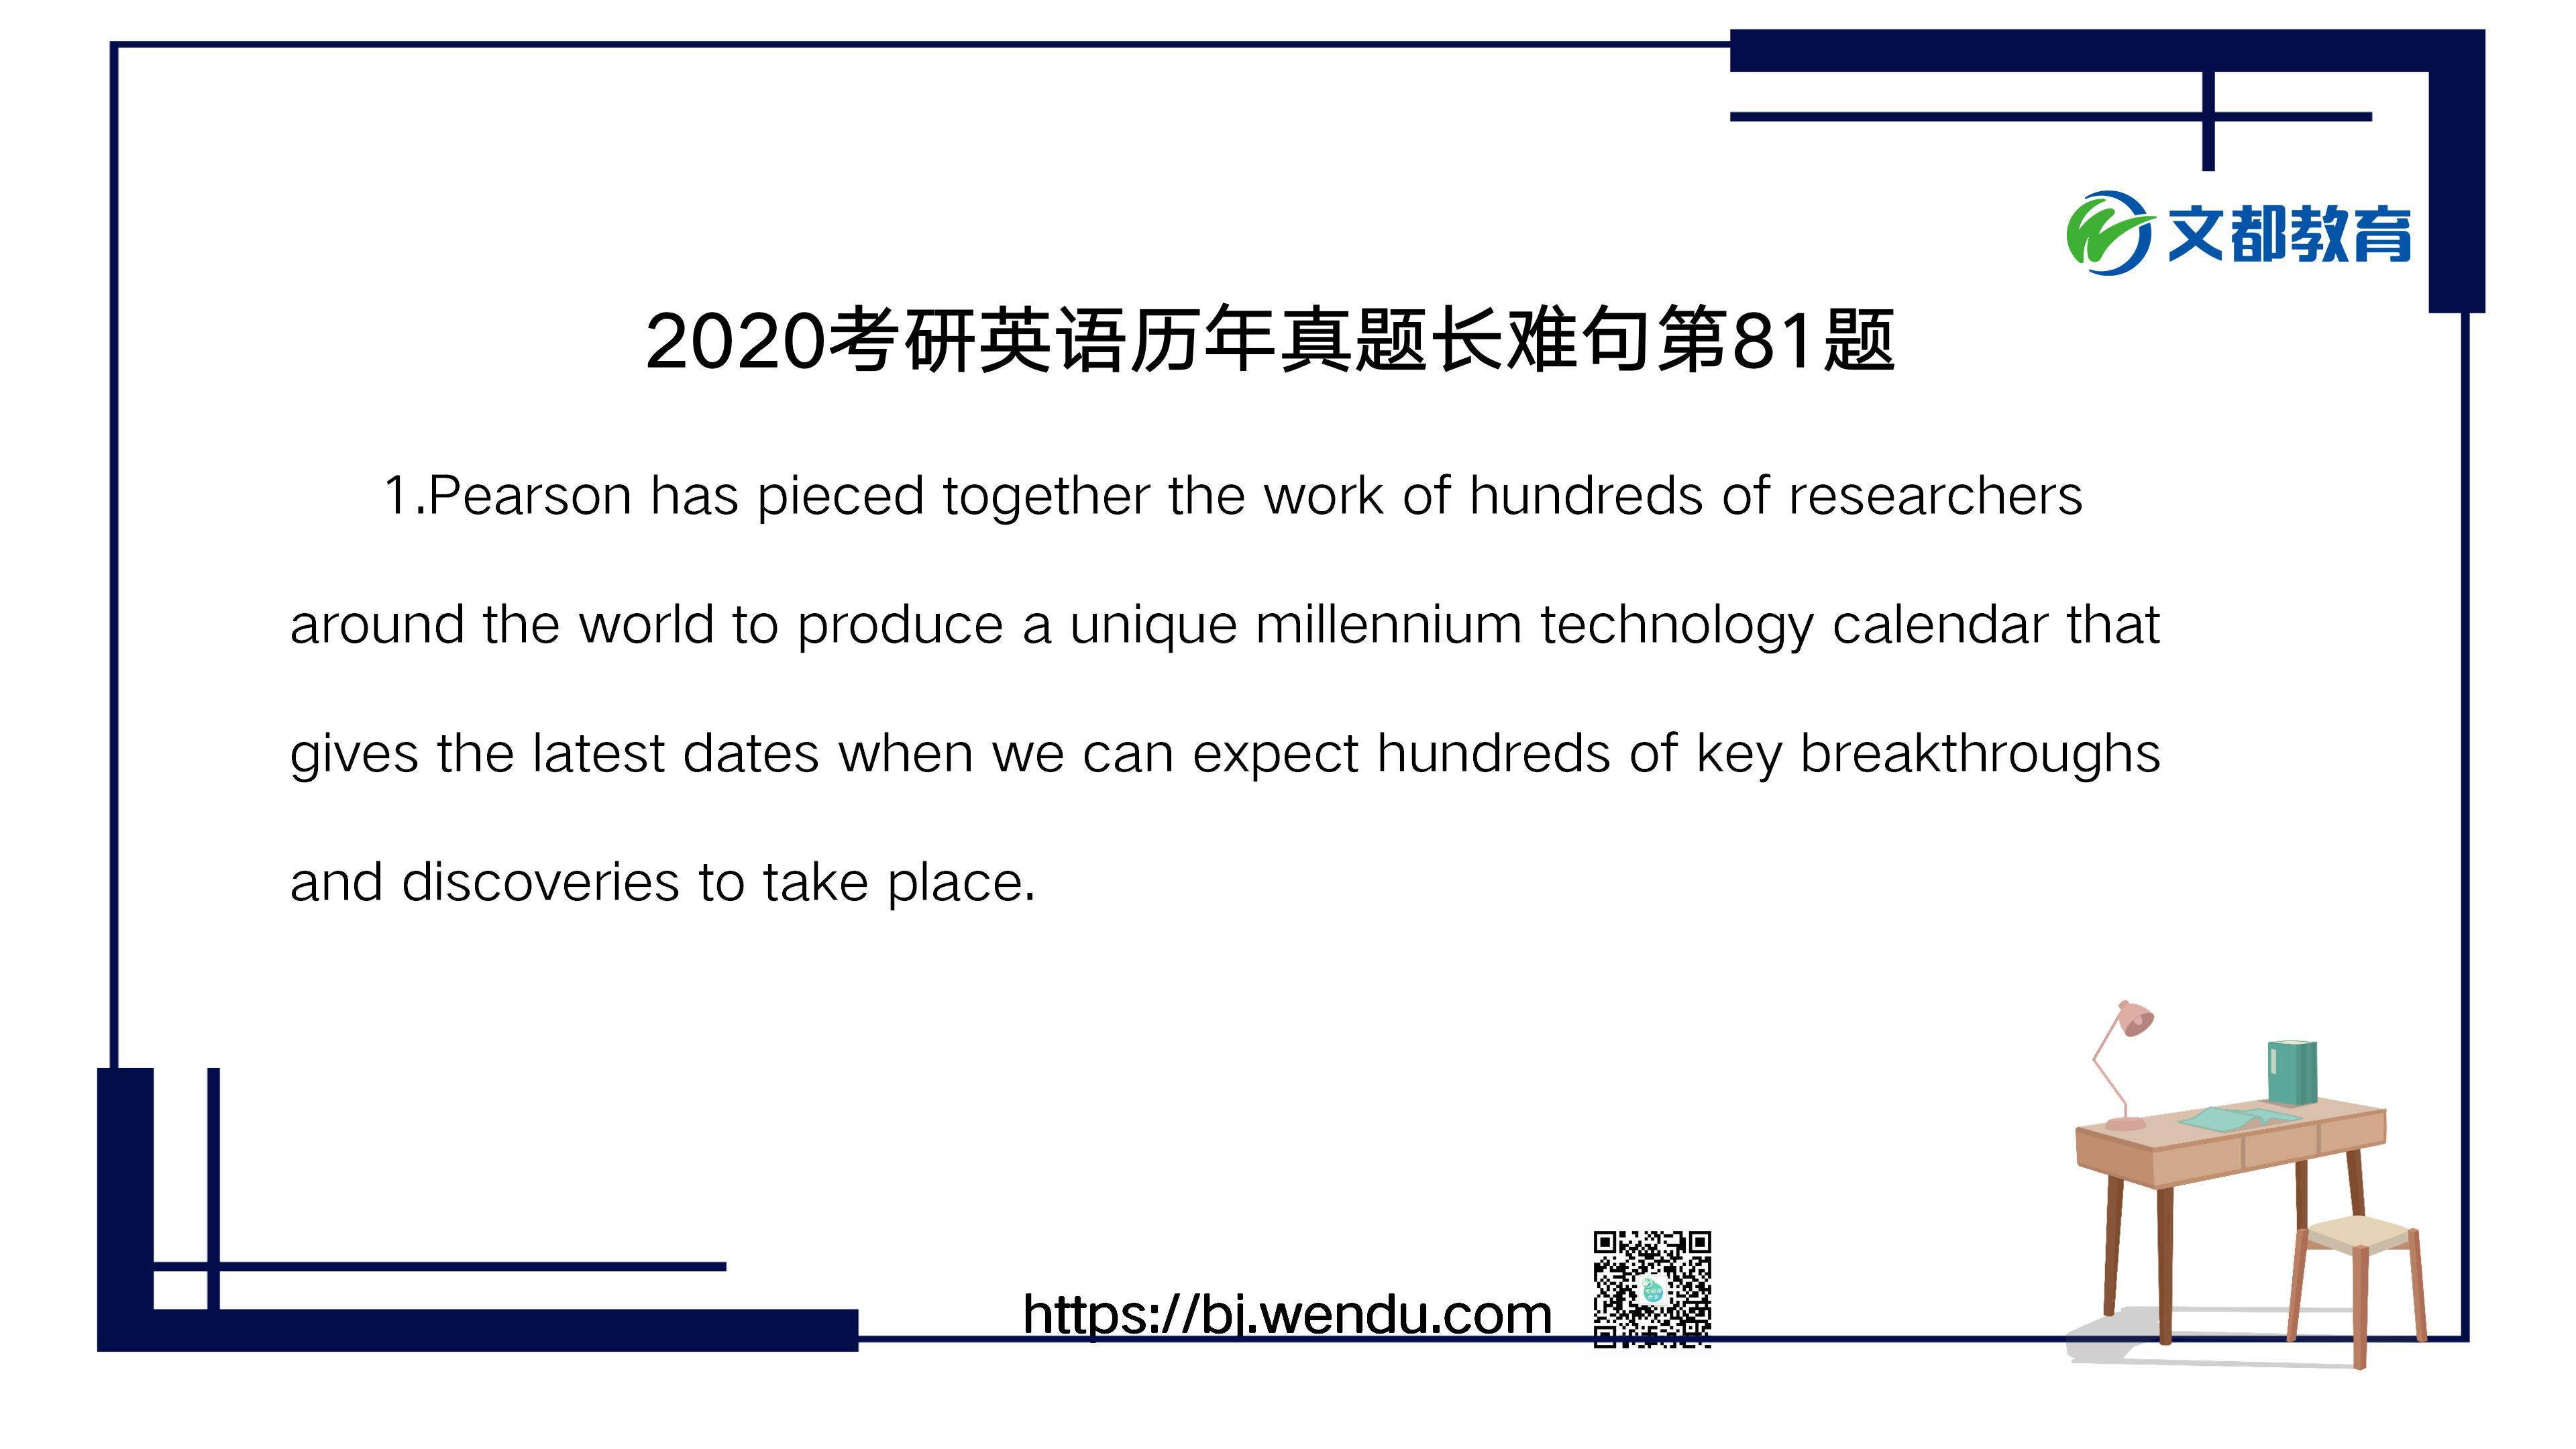 2020考研英语历年真题长难句第81题